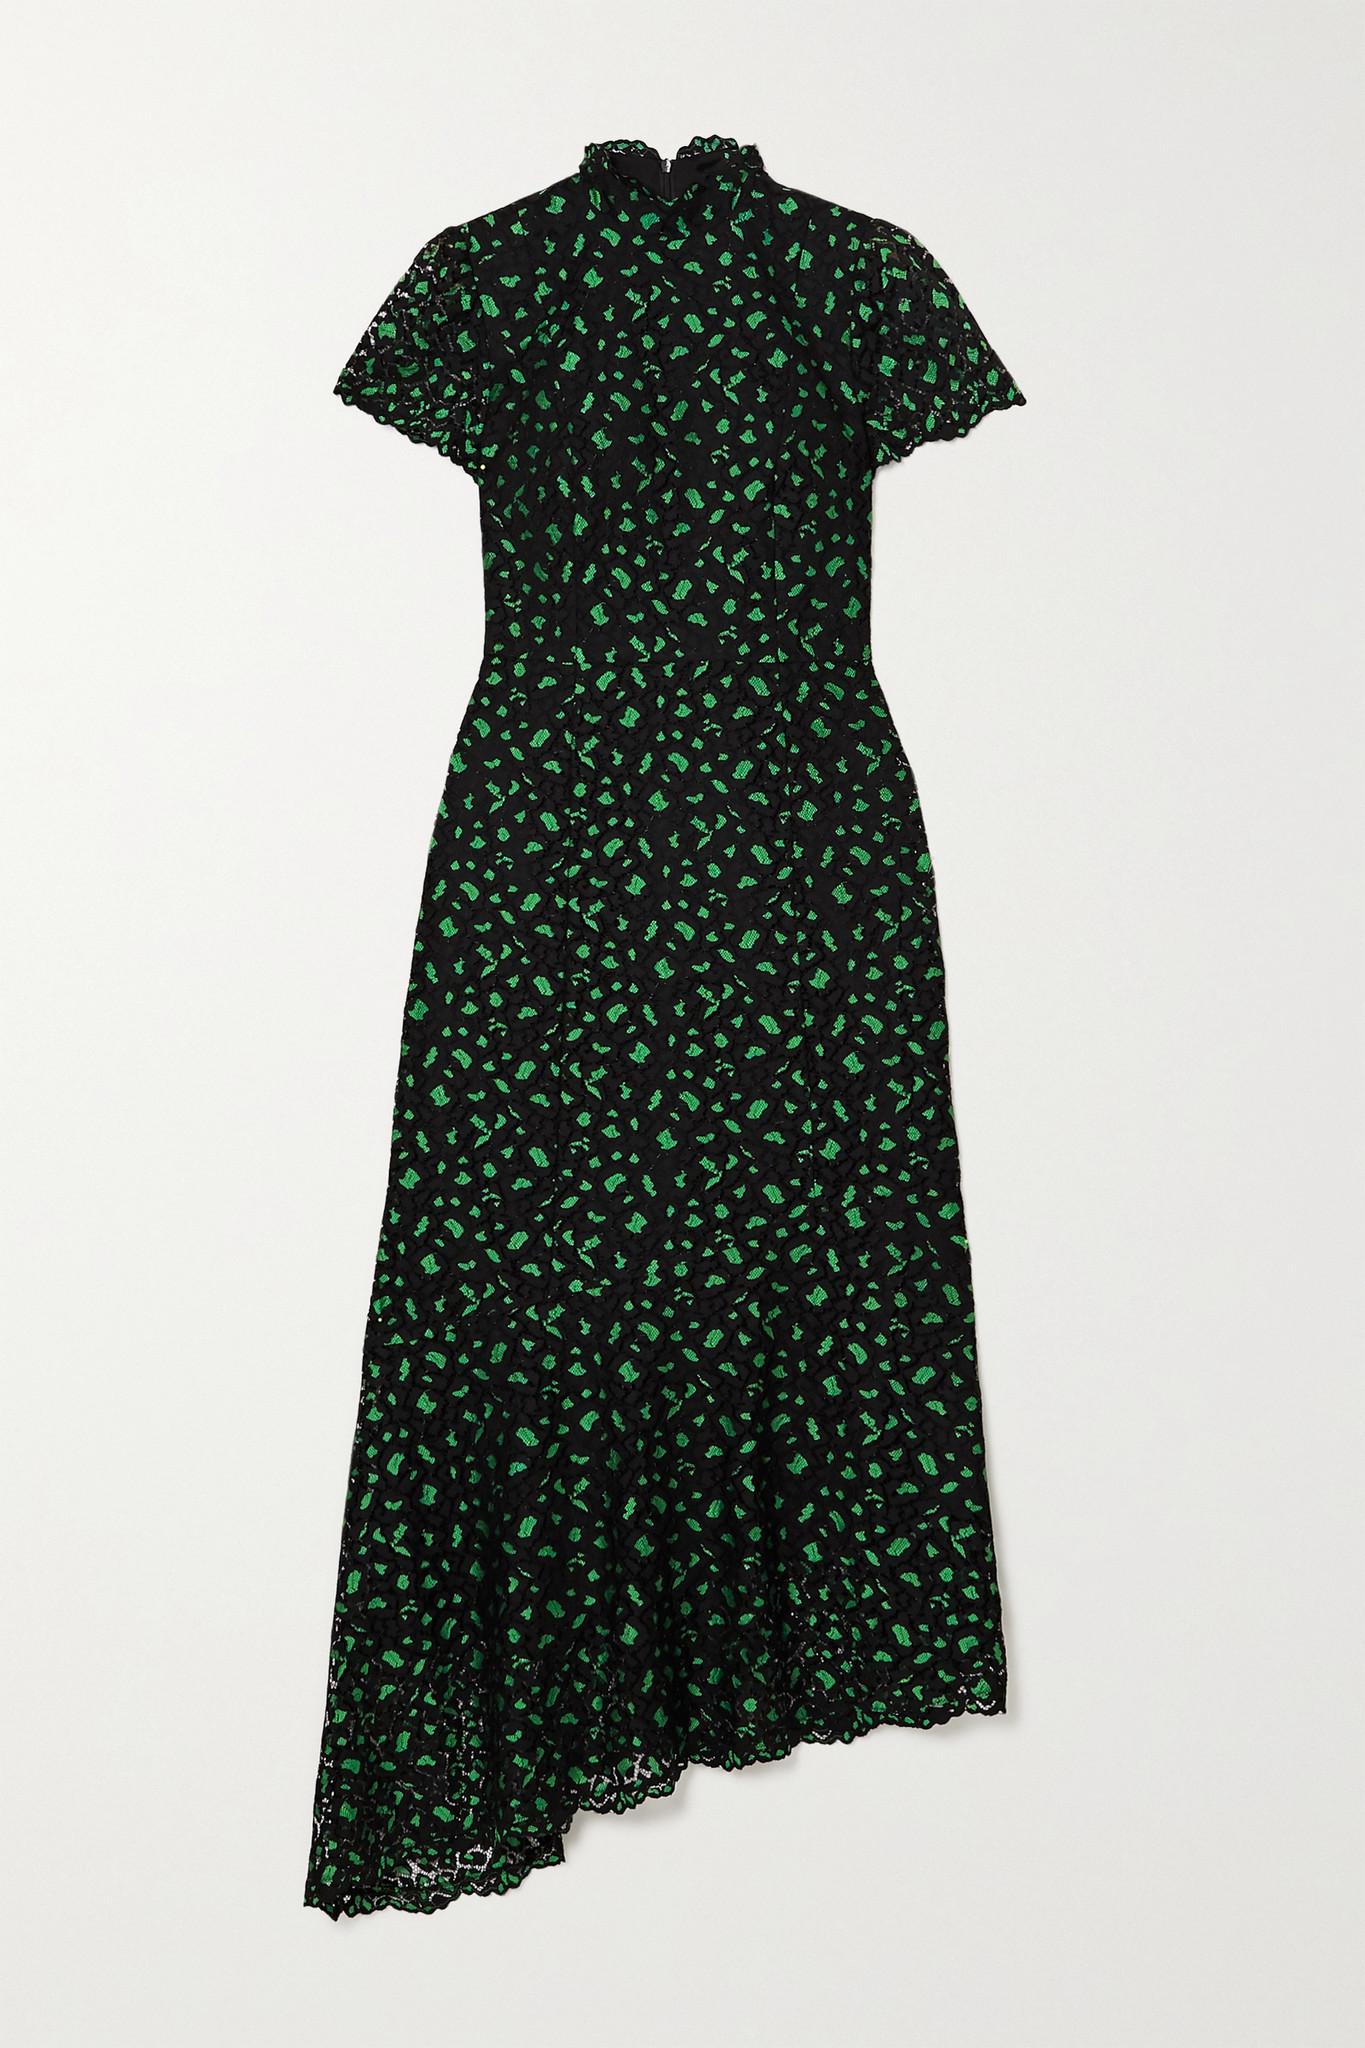 CEFINN - Kayla 不对称蕾丝高领中长连衣裙 - 黑色 - UK12